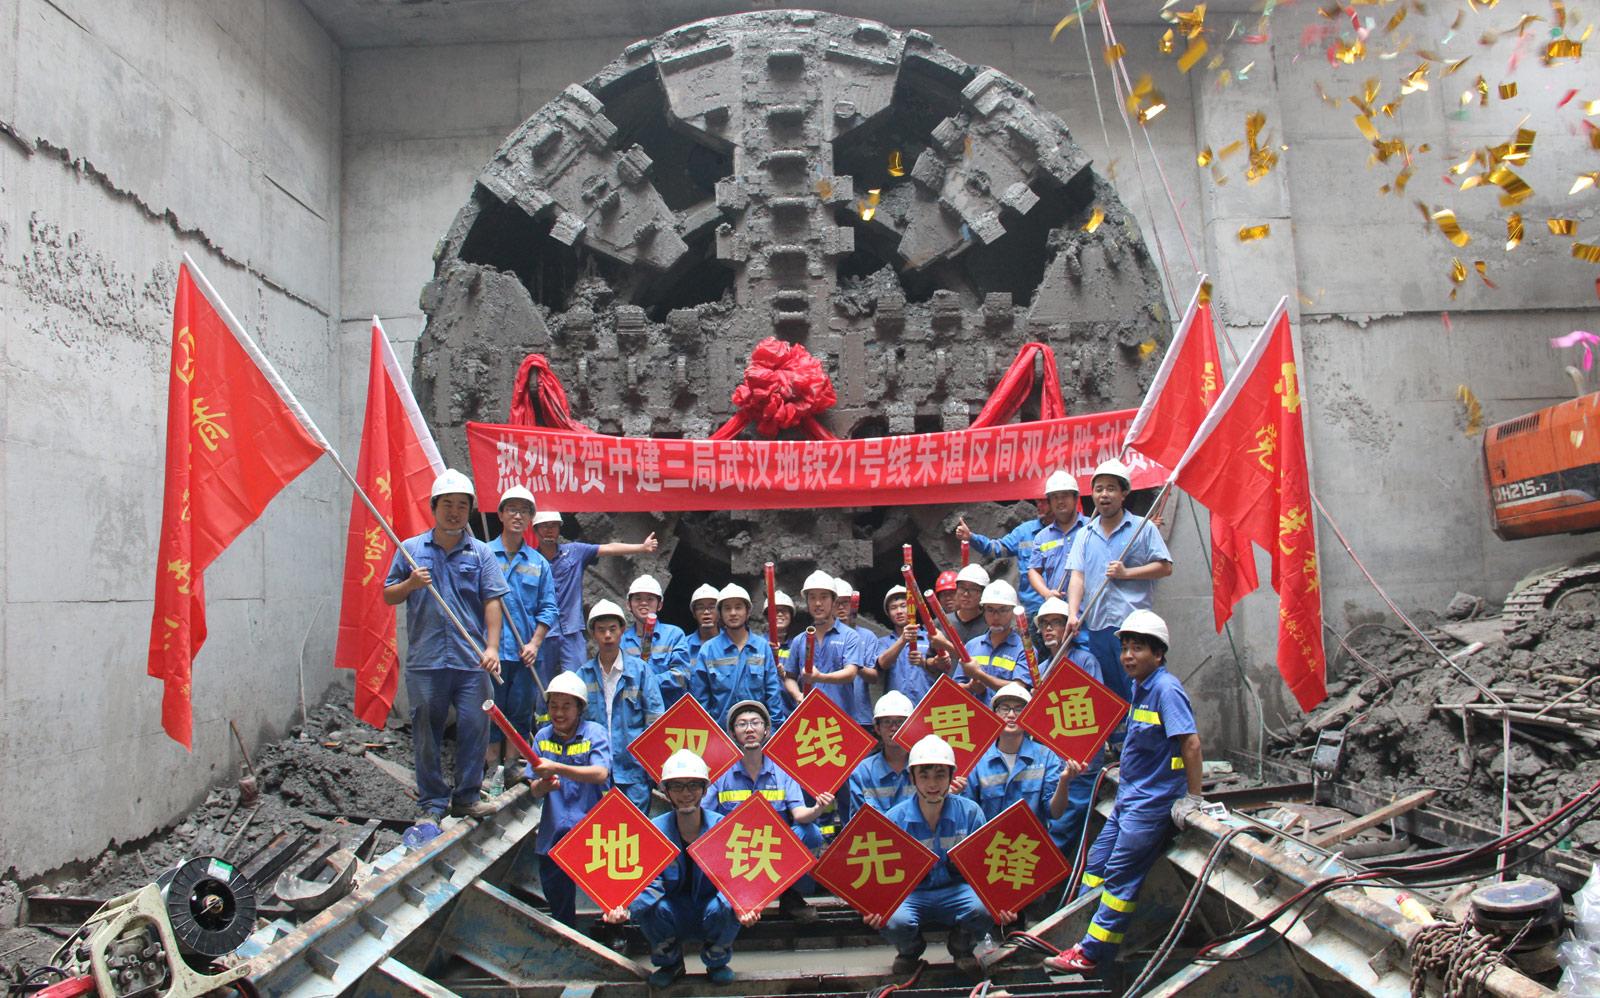 武汉地铁21号线(阳逻线)比原预定工期提前一年完工,是武汉目前建设速度最快的地铁地下线路。图为地铁阳逻线隧道施工贯通后建设者合影留念。